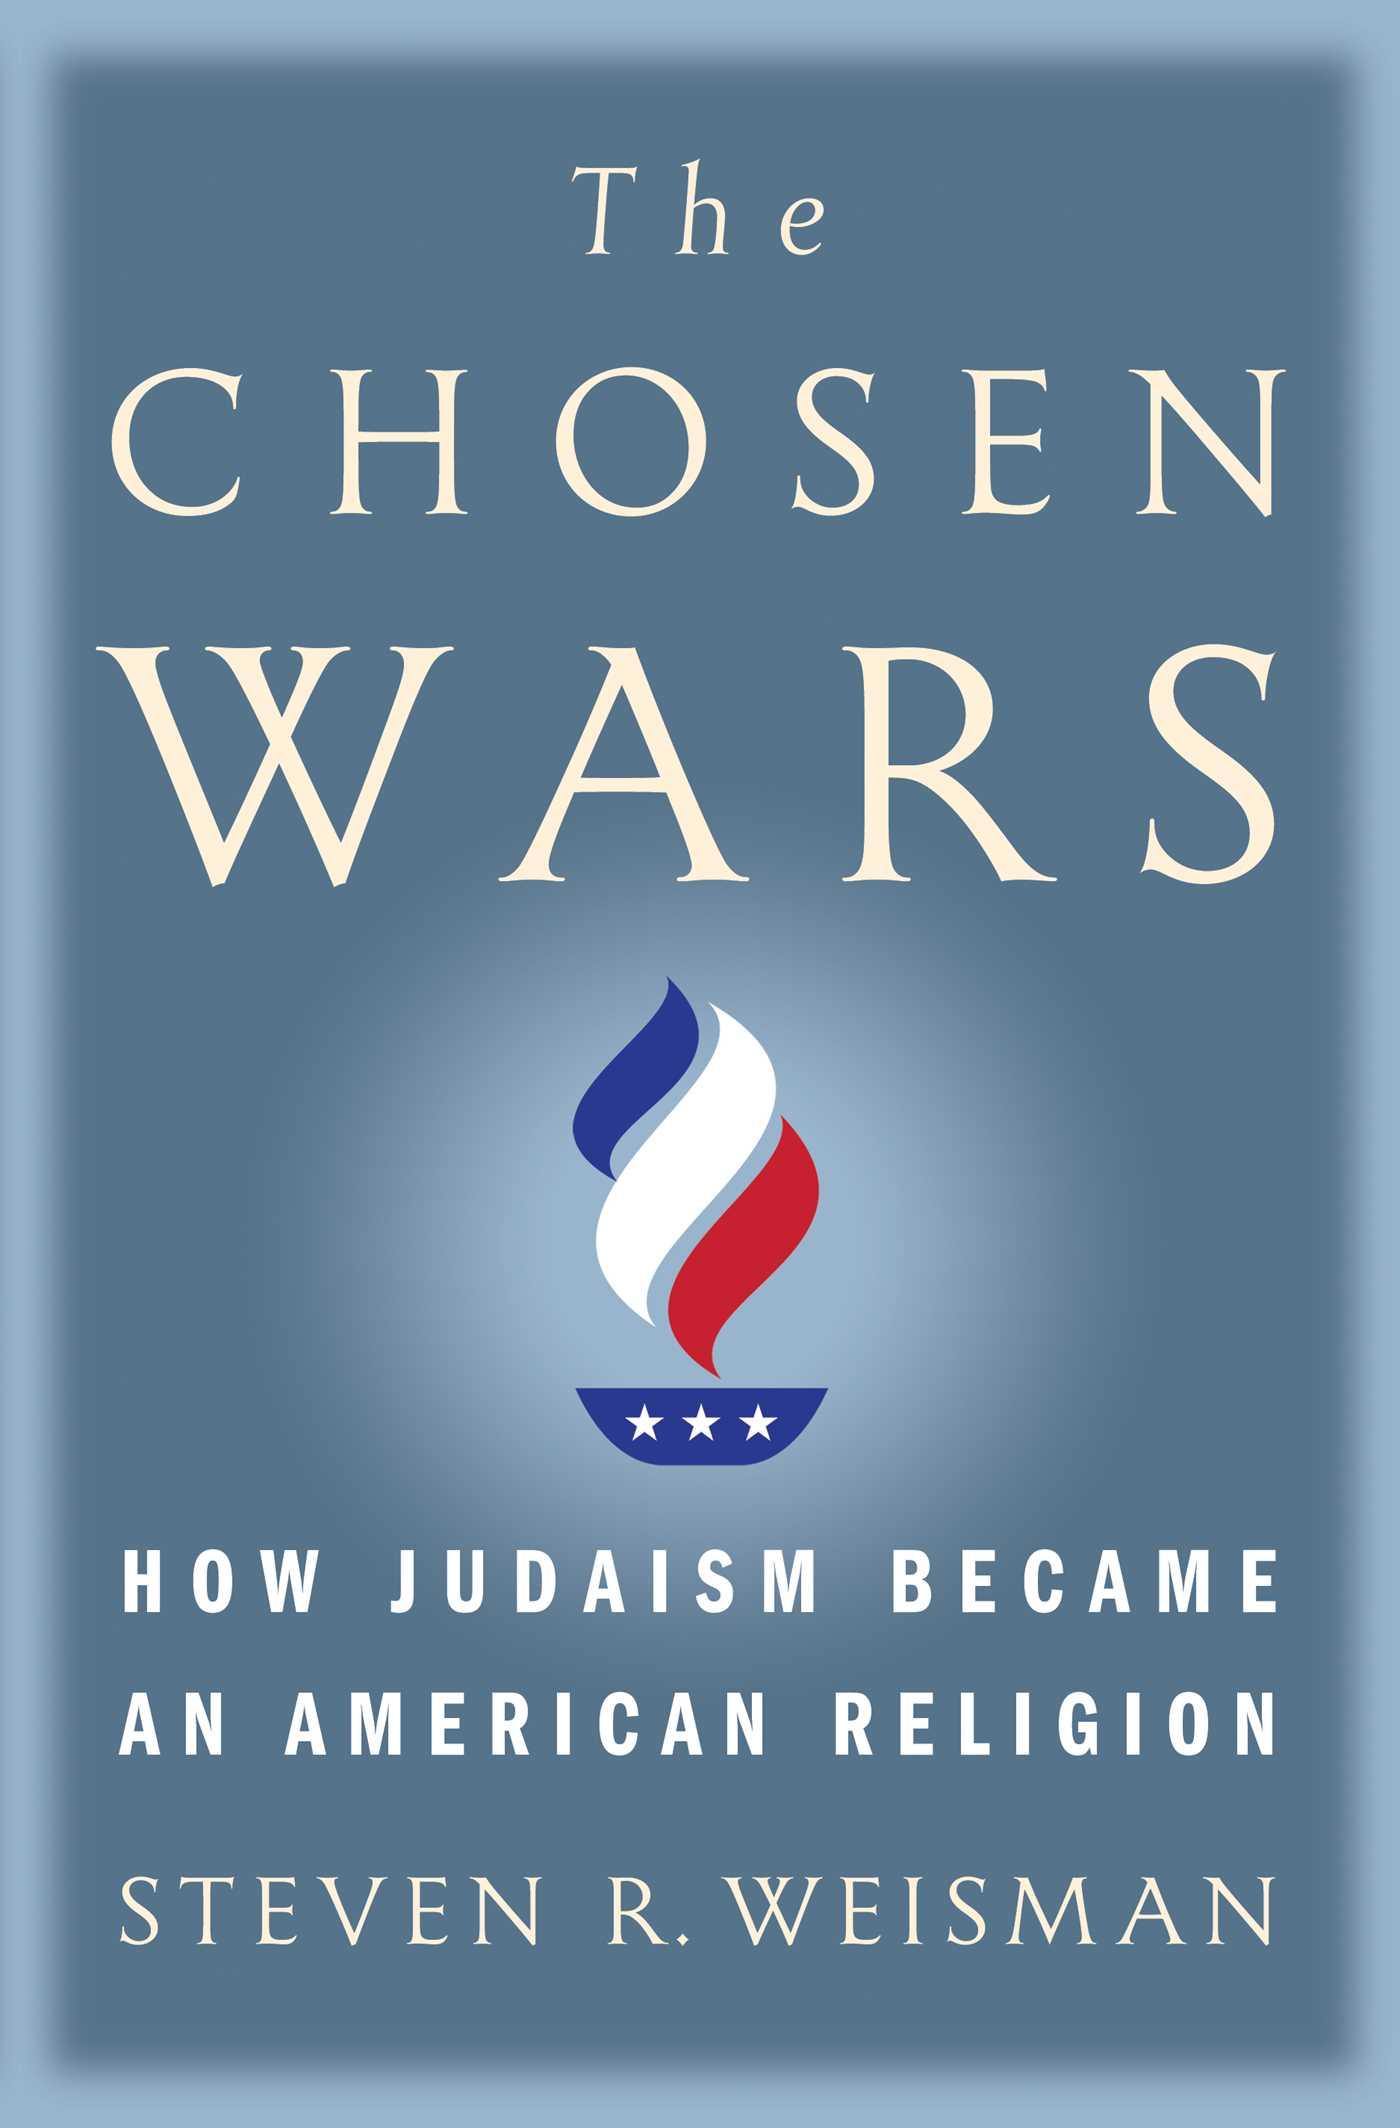 The chosen wars 9781416573265 hr